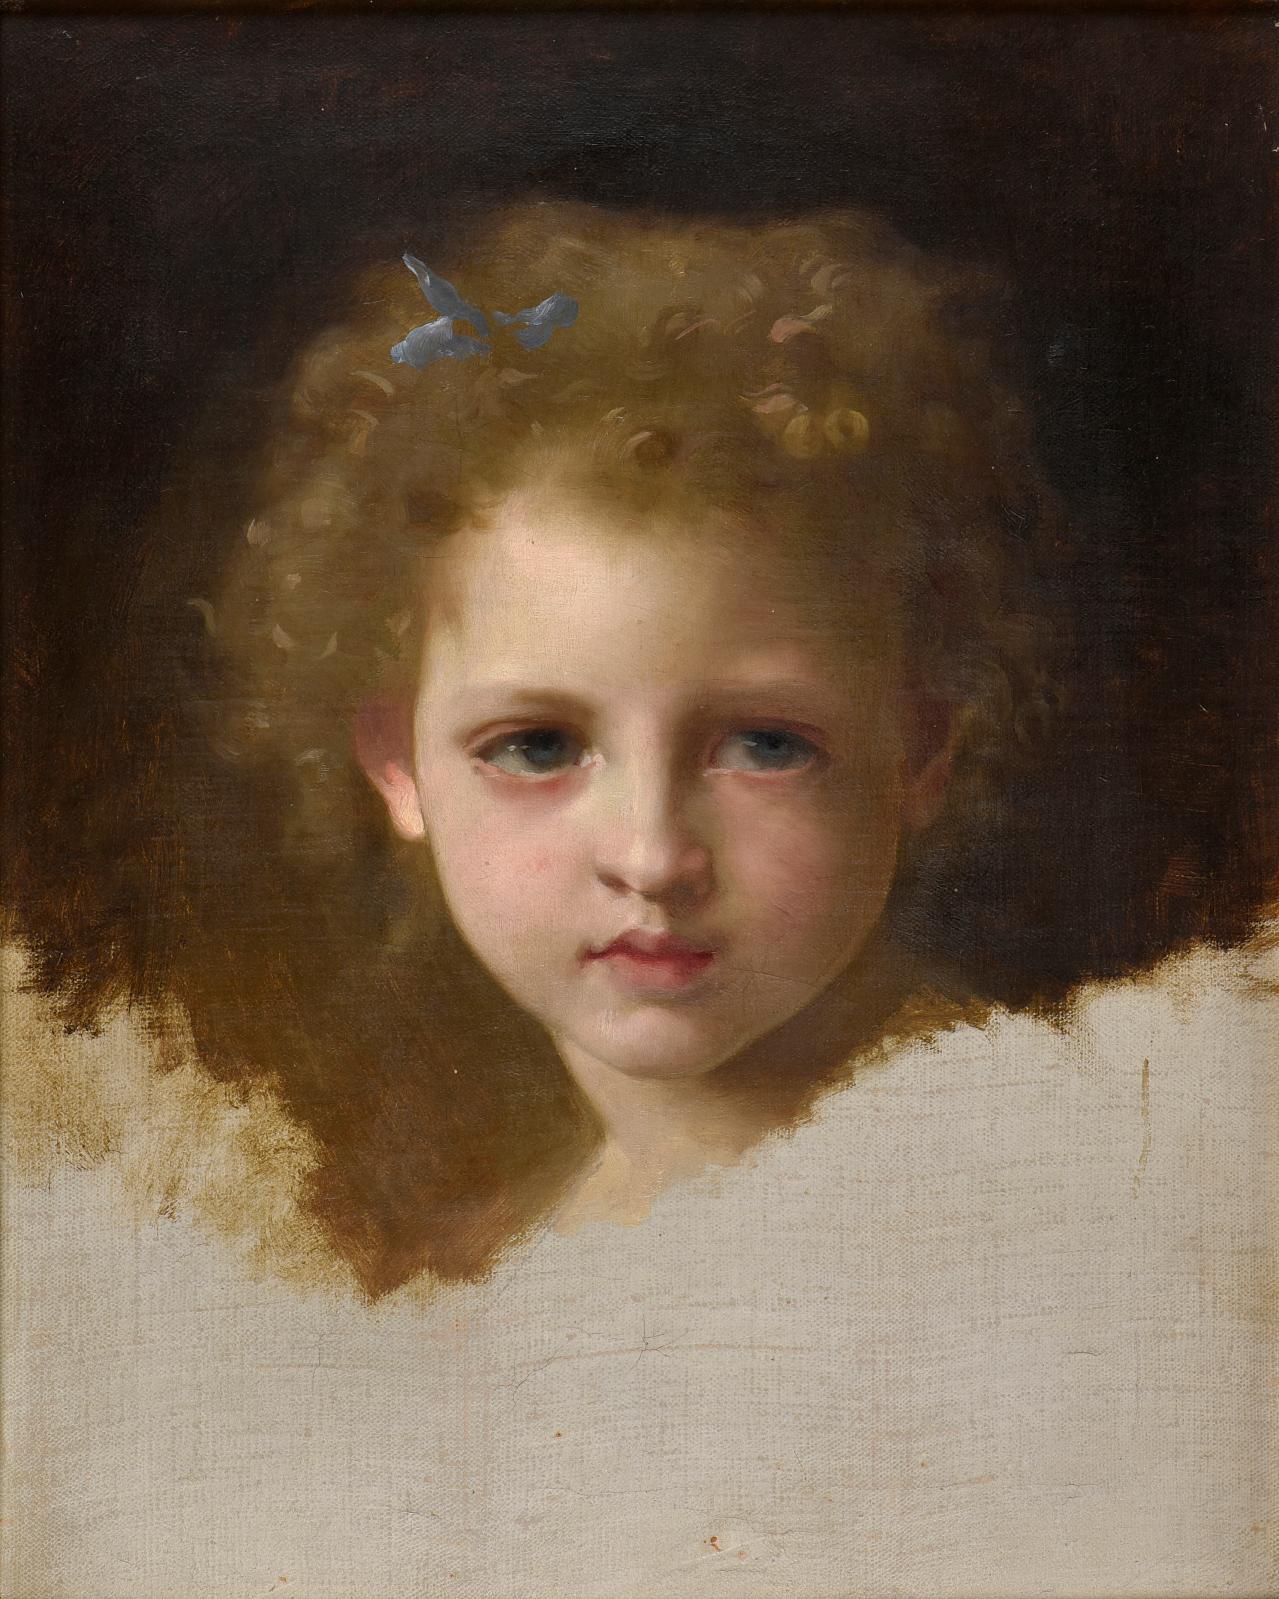 Portrait de fillette au ruban bleu (Portrait of a Girl with a Blue Ribbon), oil on canvas, 41 x 33 cm.Estimate: €10,000/15,000